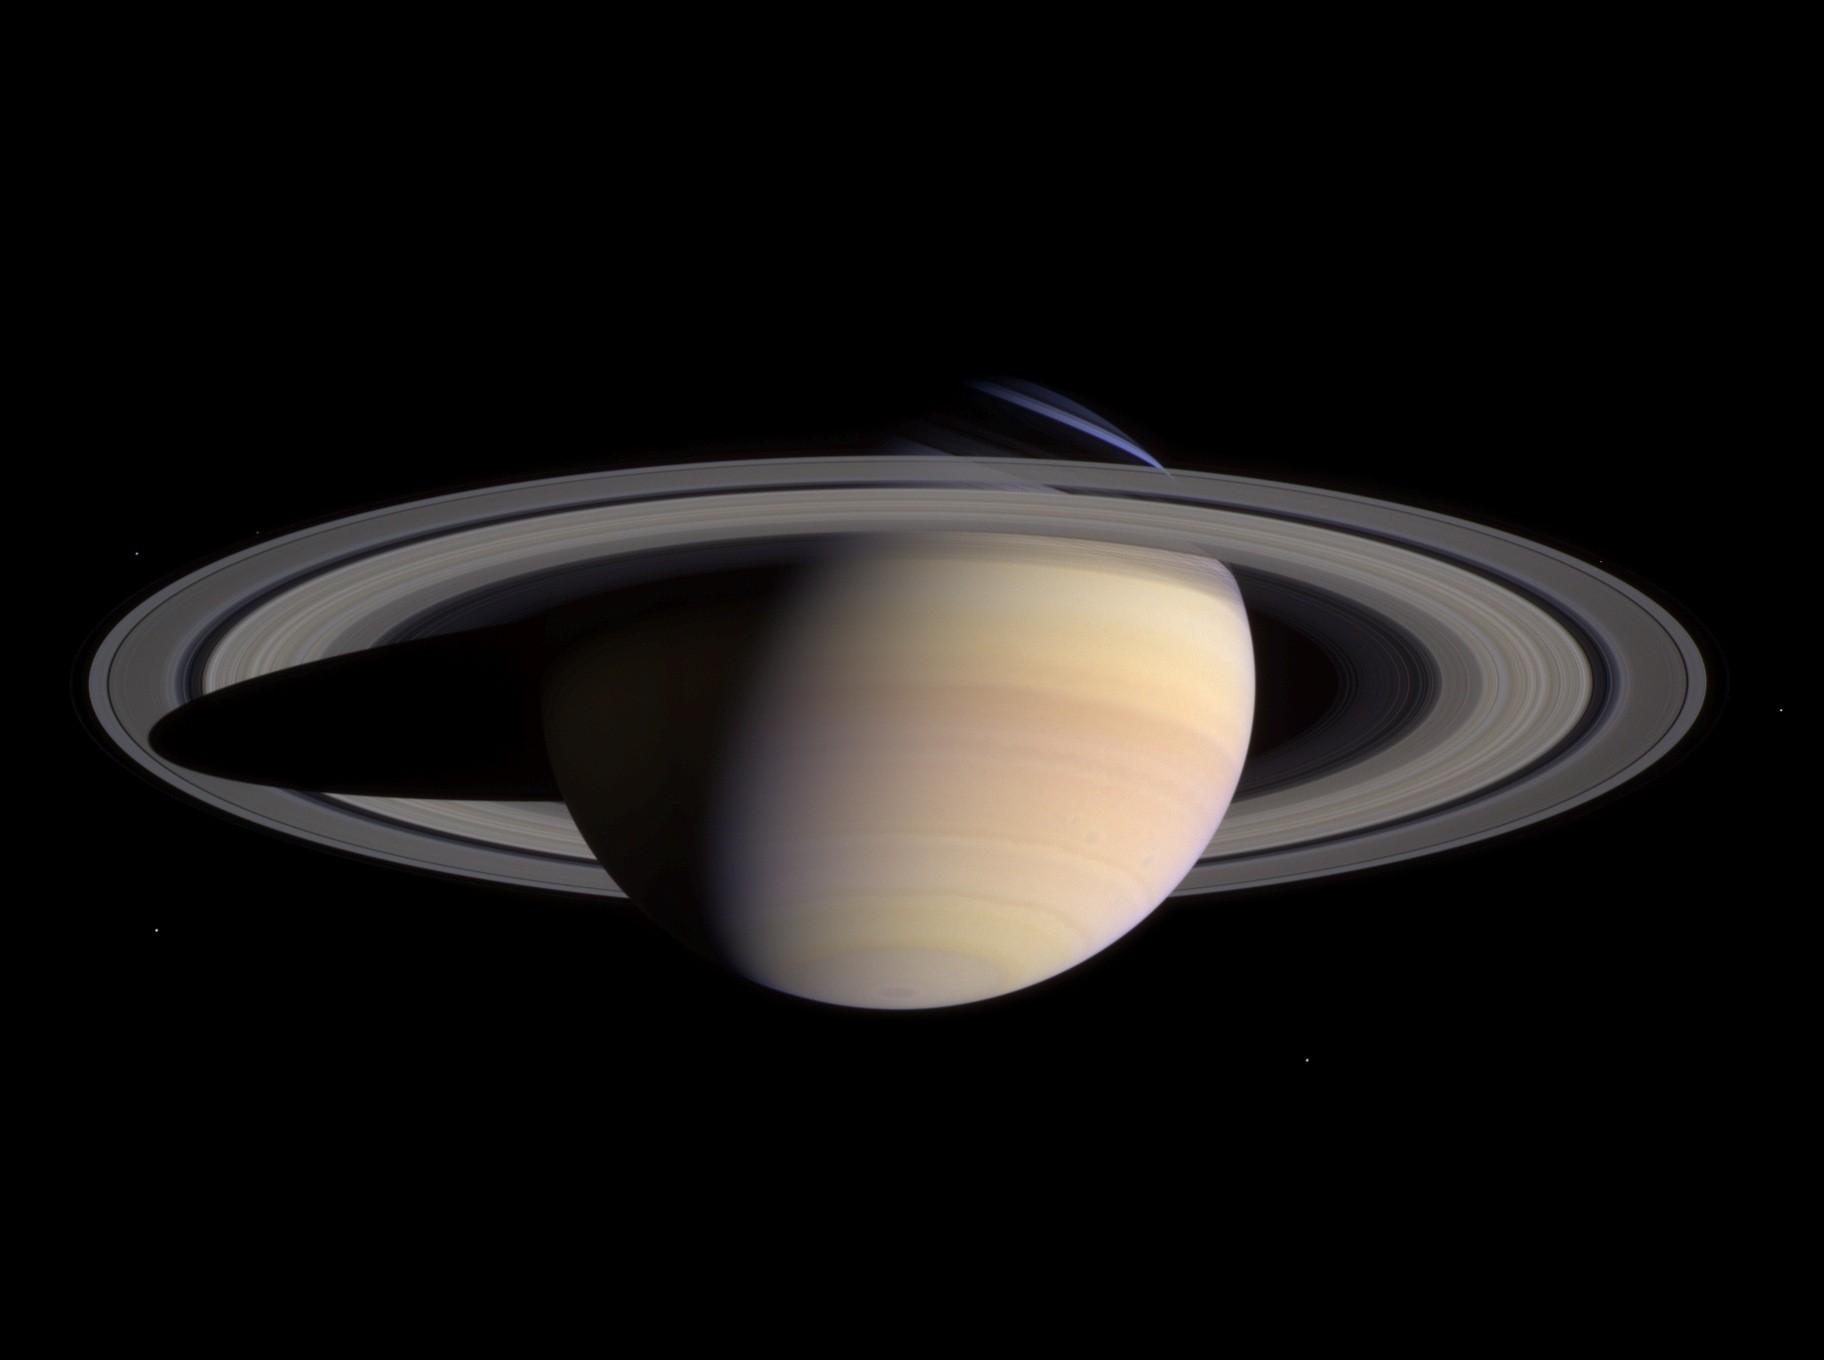 Comment voir Saturne quand elle est à son maximum